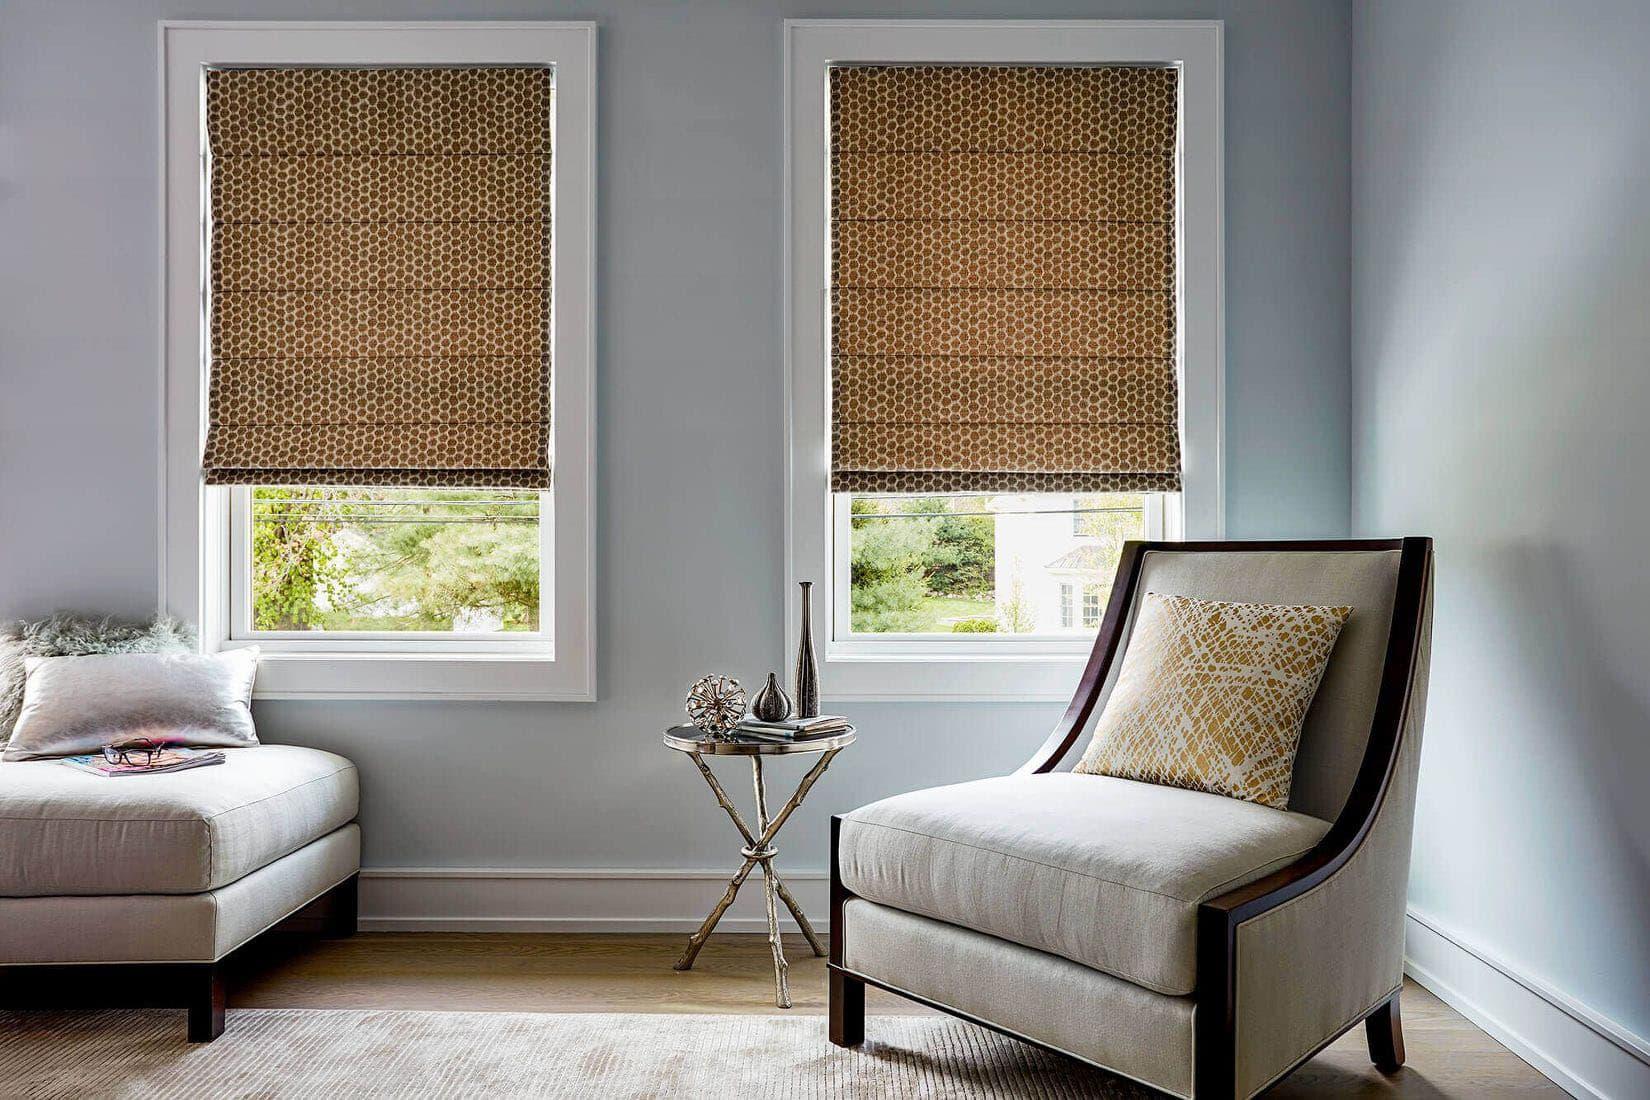 Римские шторы: 100+ фото в интерьере, красивые идеи дизайна и оформления окна